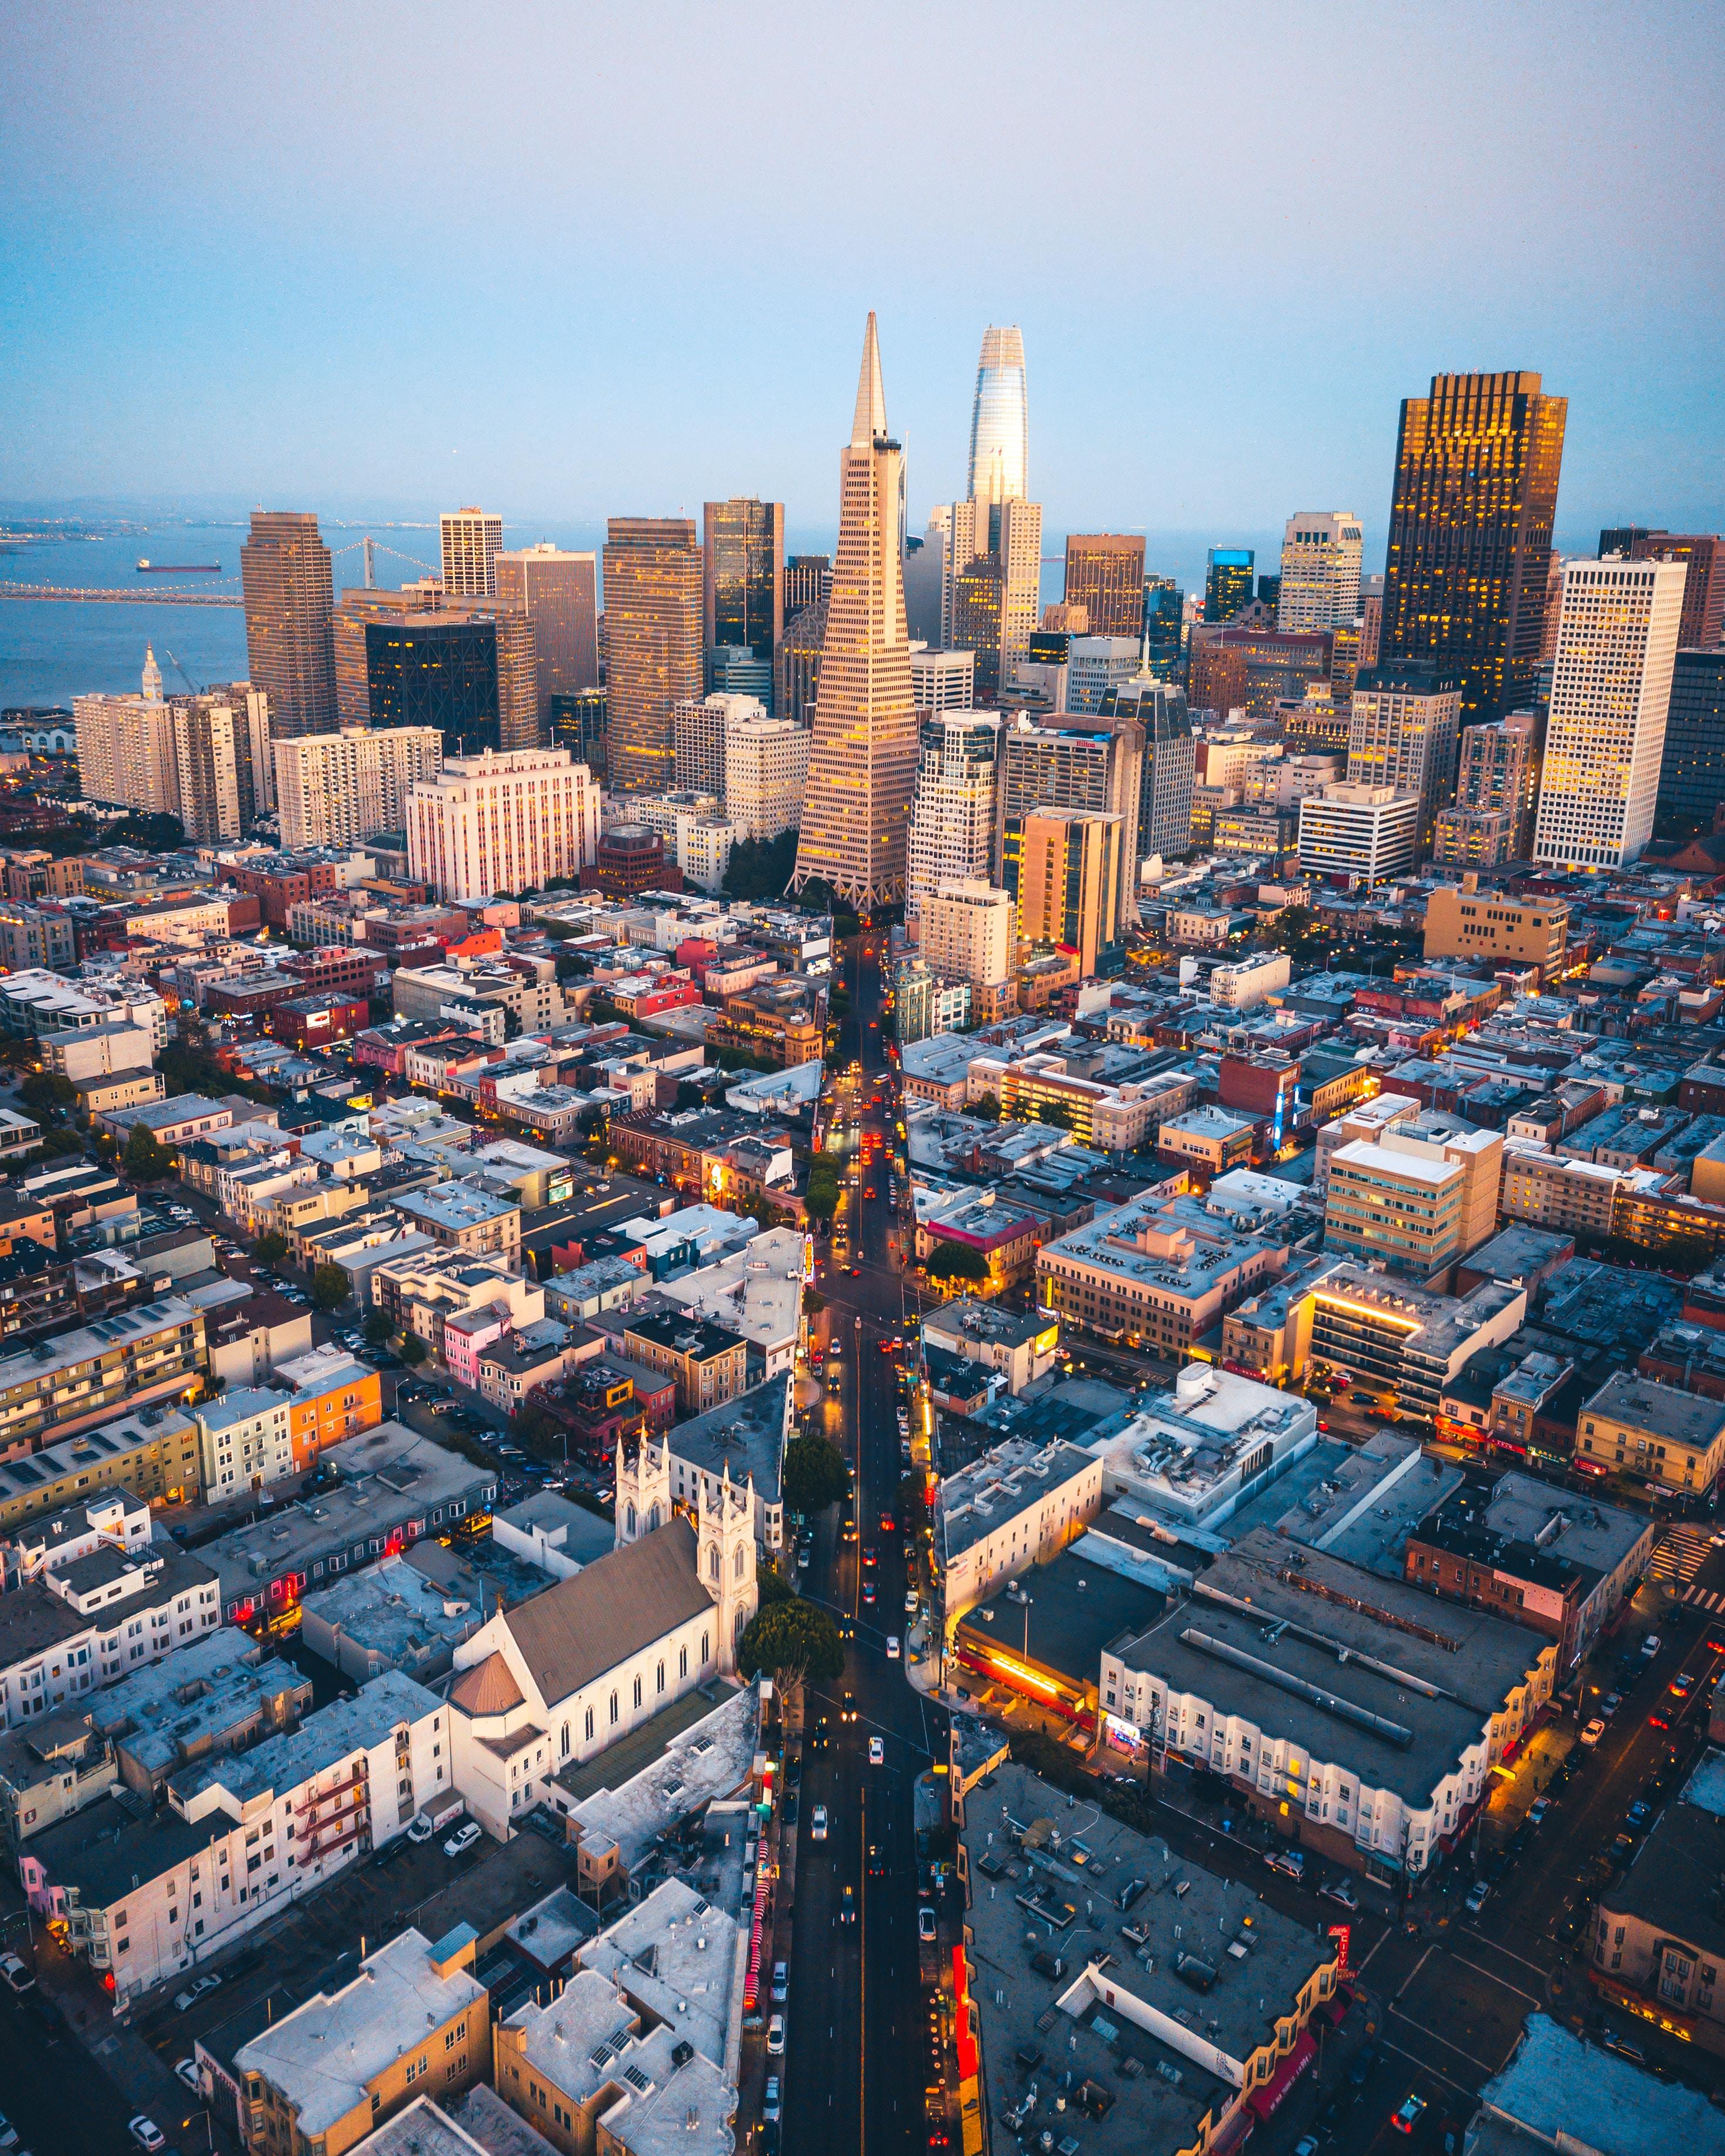 153824 скачать обои Города, Город, Вид Сверху, Обзор, Сша, Мегаполис, Сан-Франциско - заставки и картинки бесплатно